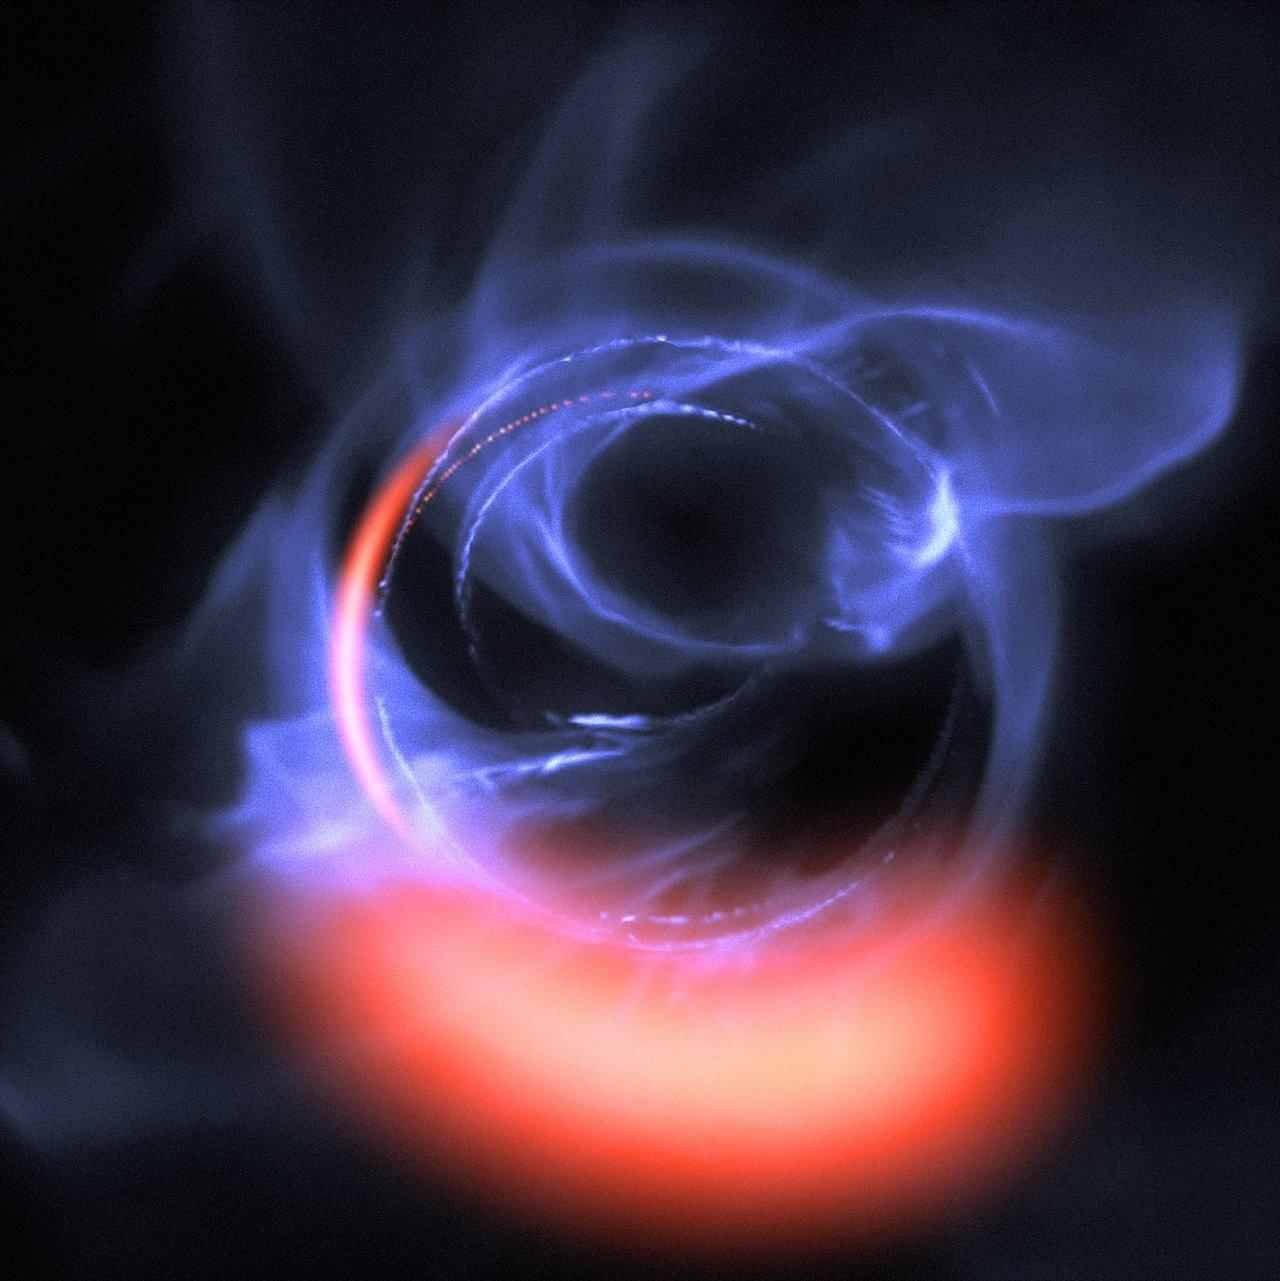 Simulação mostra material em torno do buraco negro (Foto: ESO)